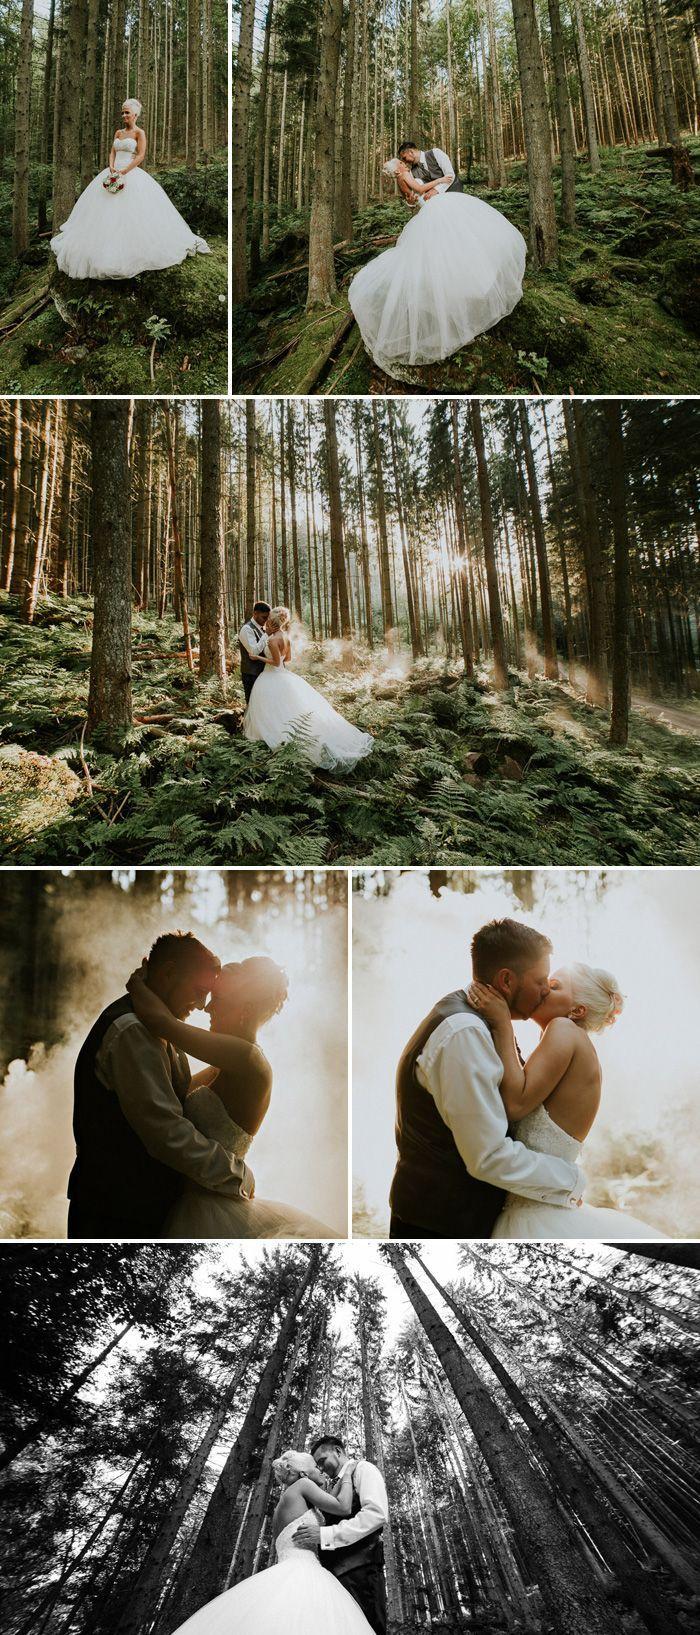 Geniale Tipps & Ideen für euer perfektes After Wedding Shooting – von abenteuerlich bis extravagant